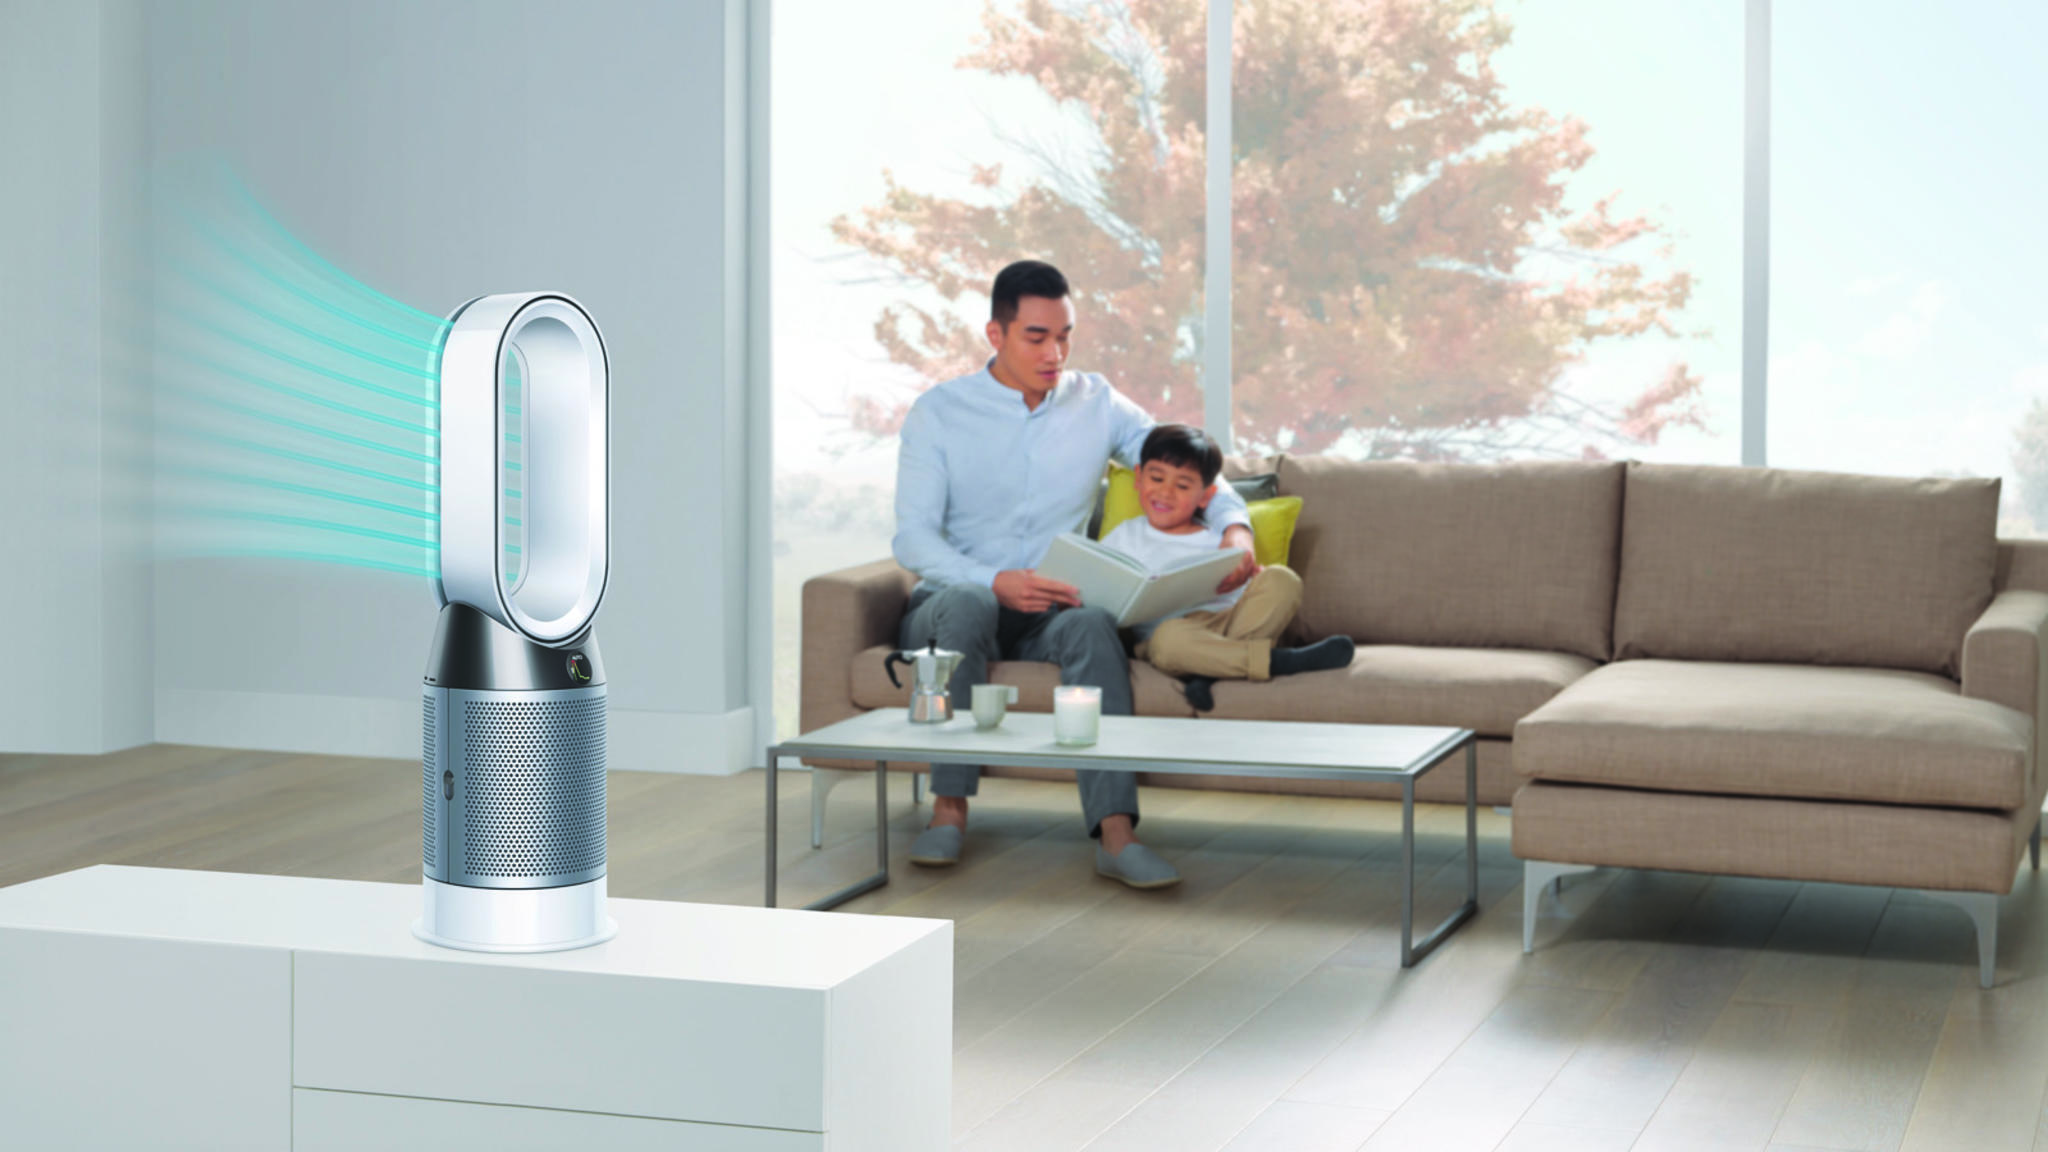 Luftreiniger wie das Modell von Dyson sorgen für saubere und gesunde Luft in Deinem Zuhause.